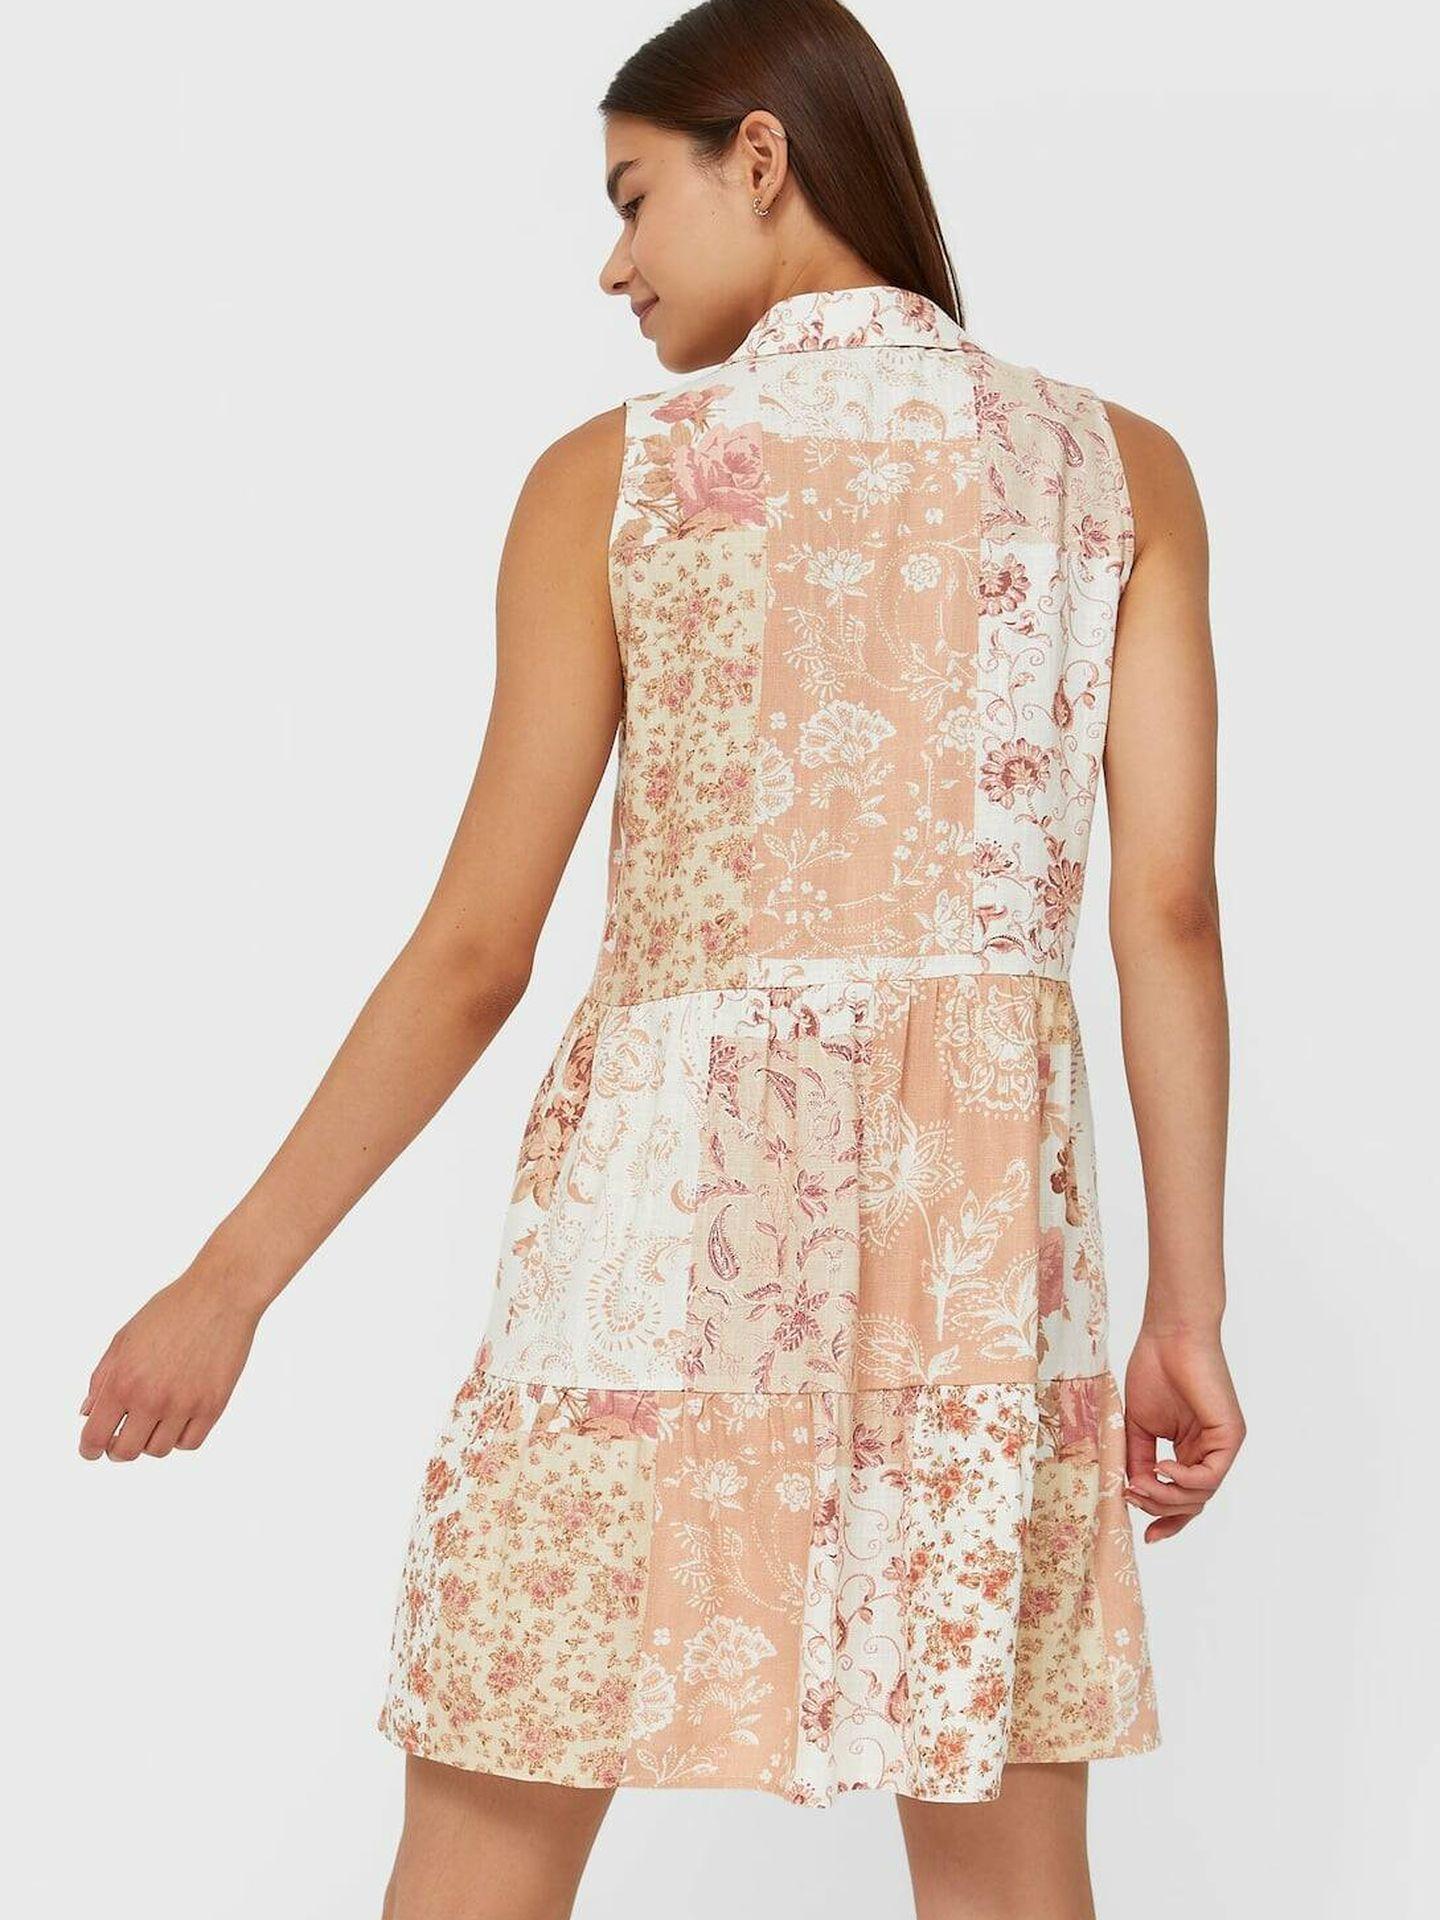 Vestido camiseo de flores de Stradivarius. (Cortesía)